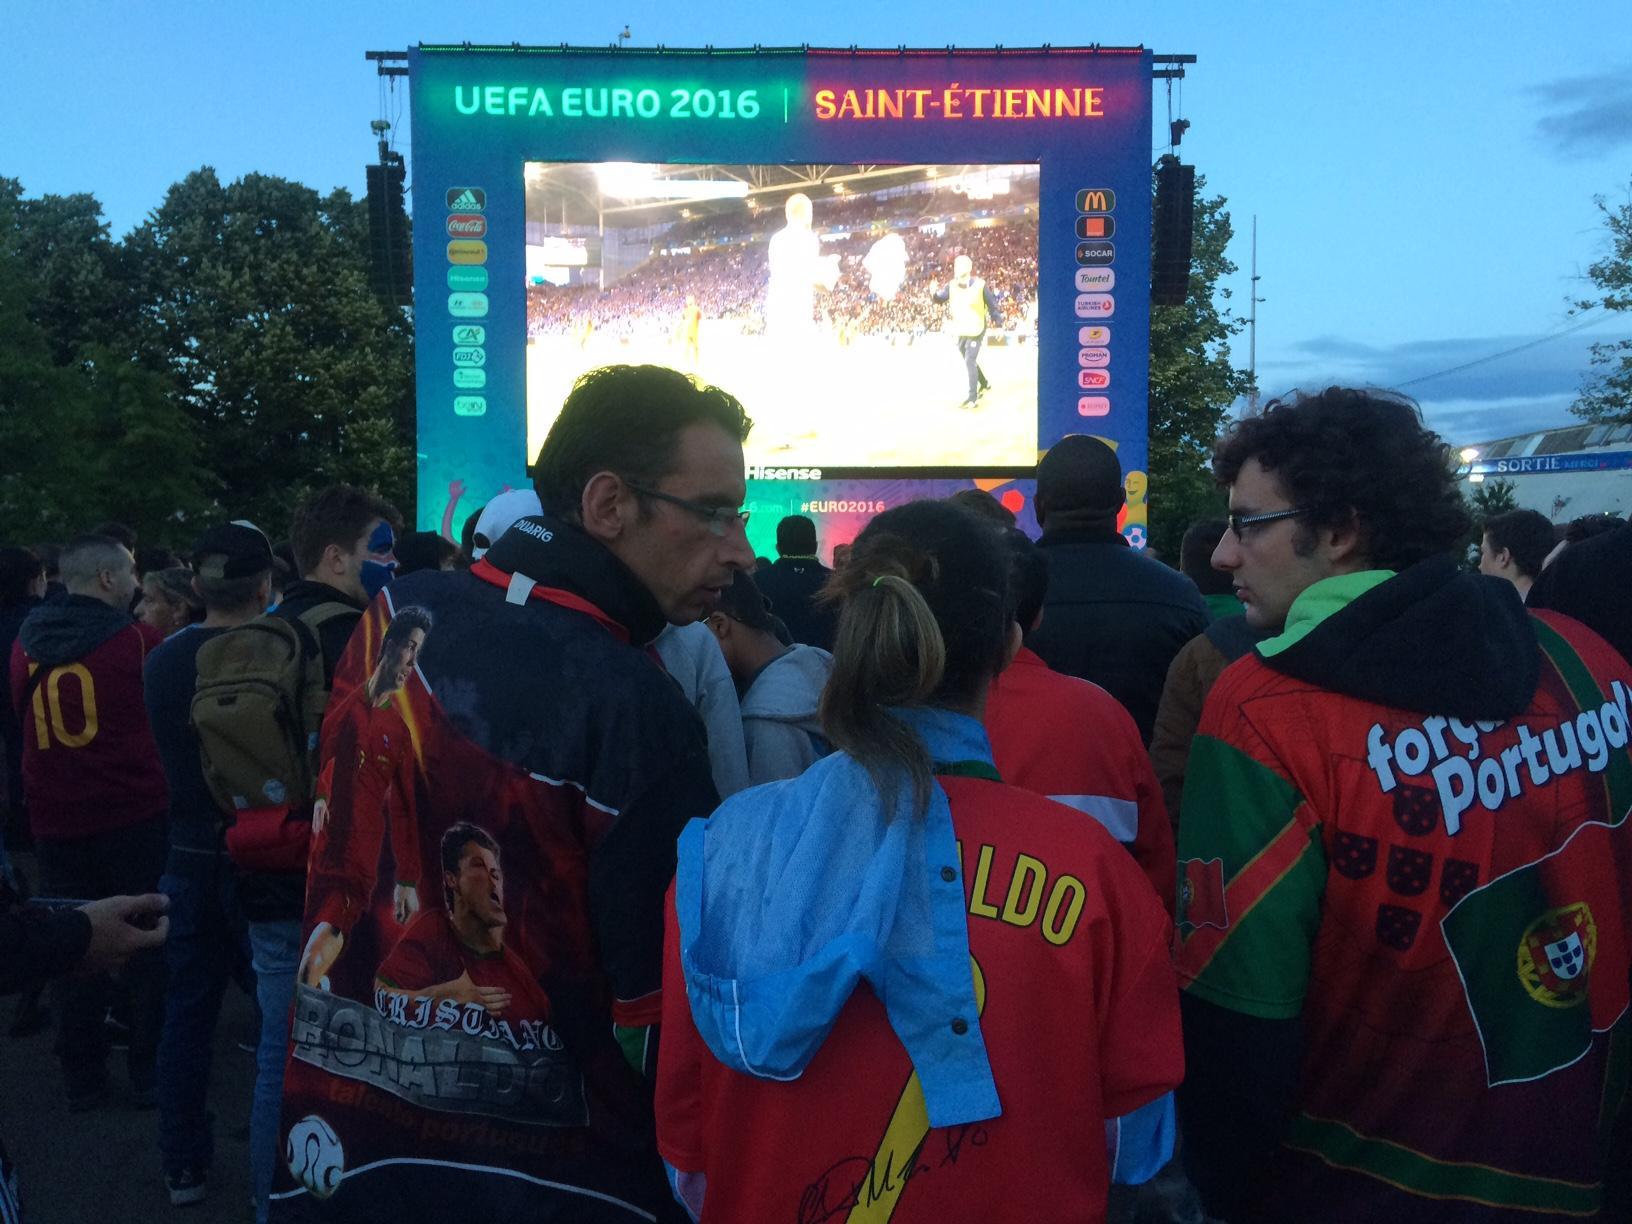 Au coeur de la fan zone de saint tienne avec les portugais et les islandais radio scoop - Magasin portugais saint etienne ...